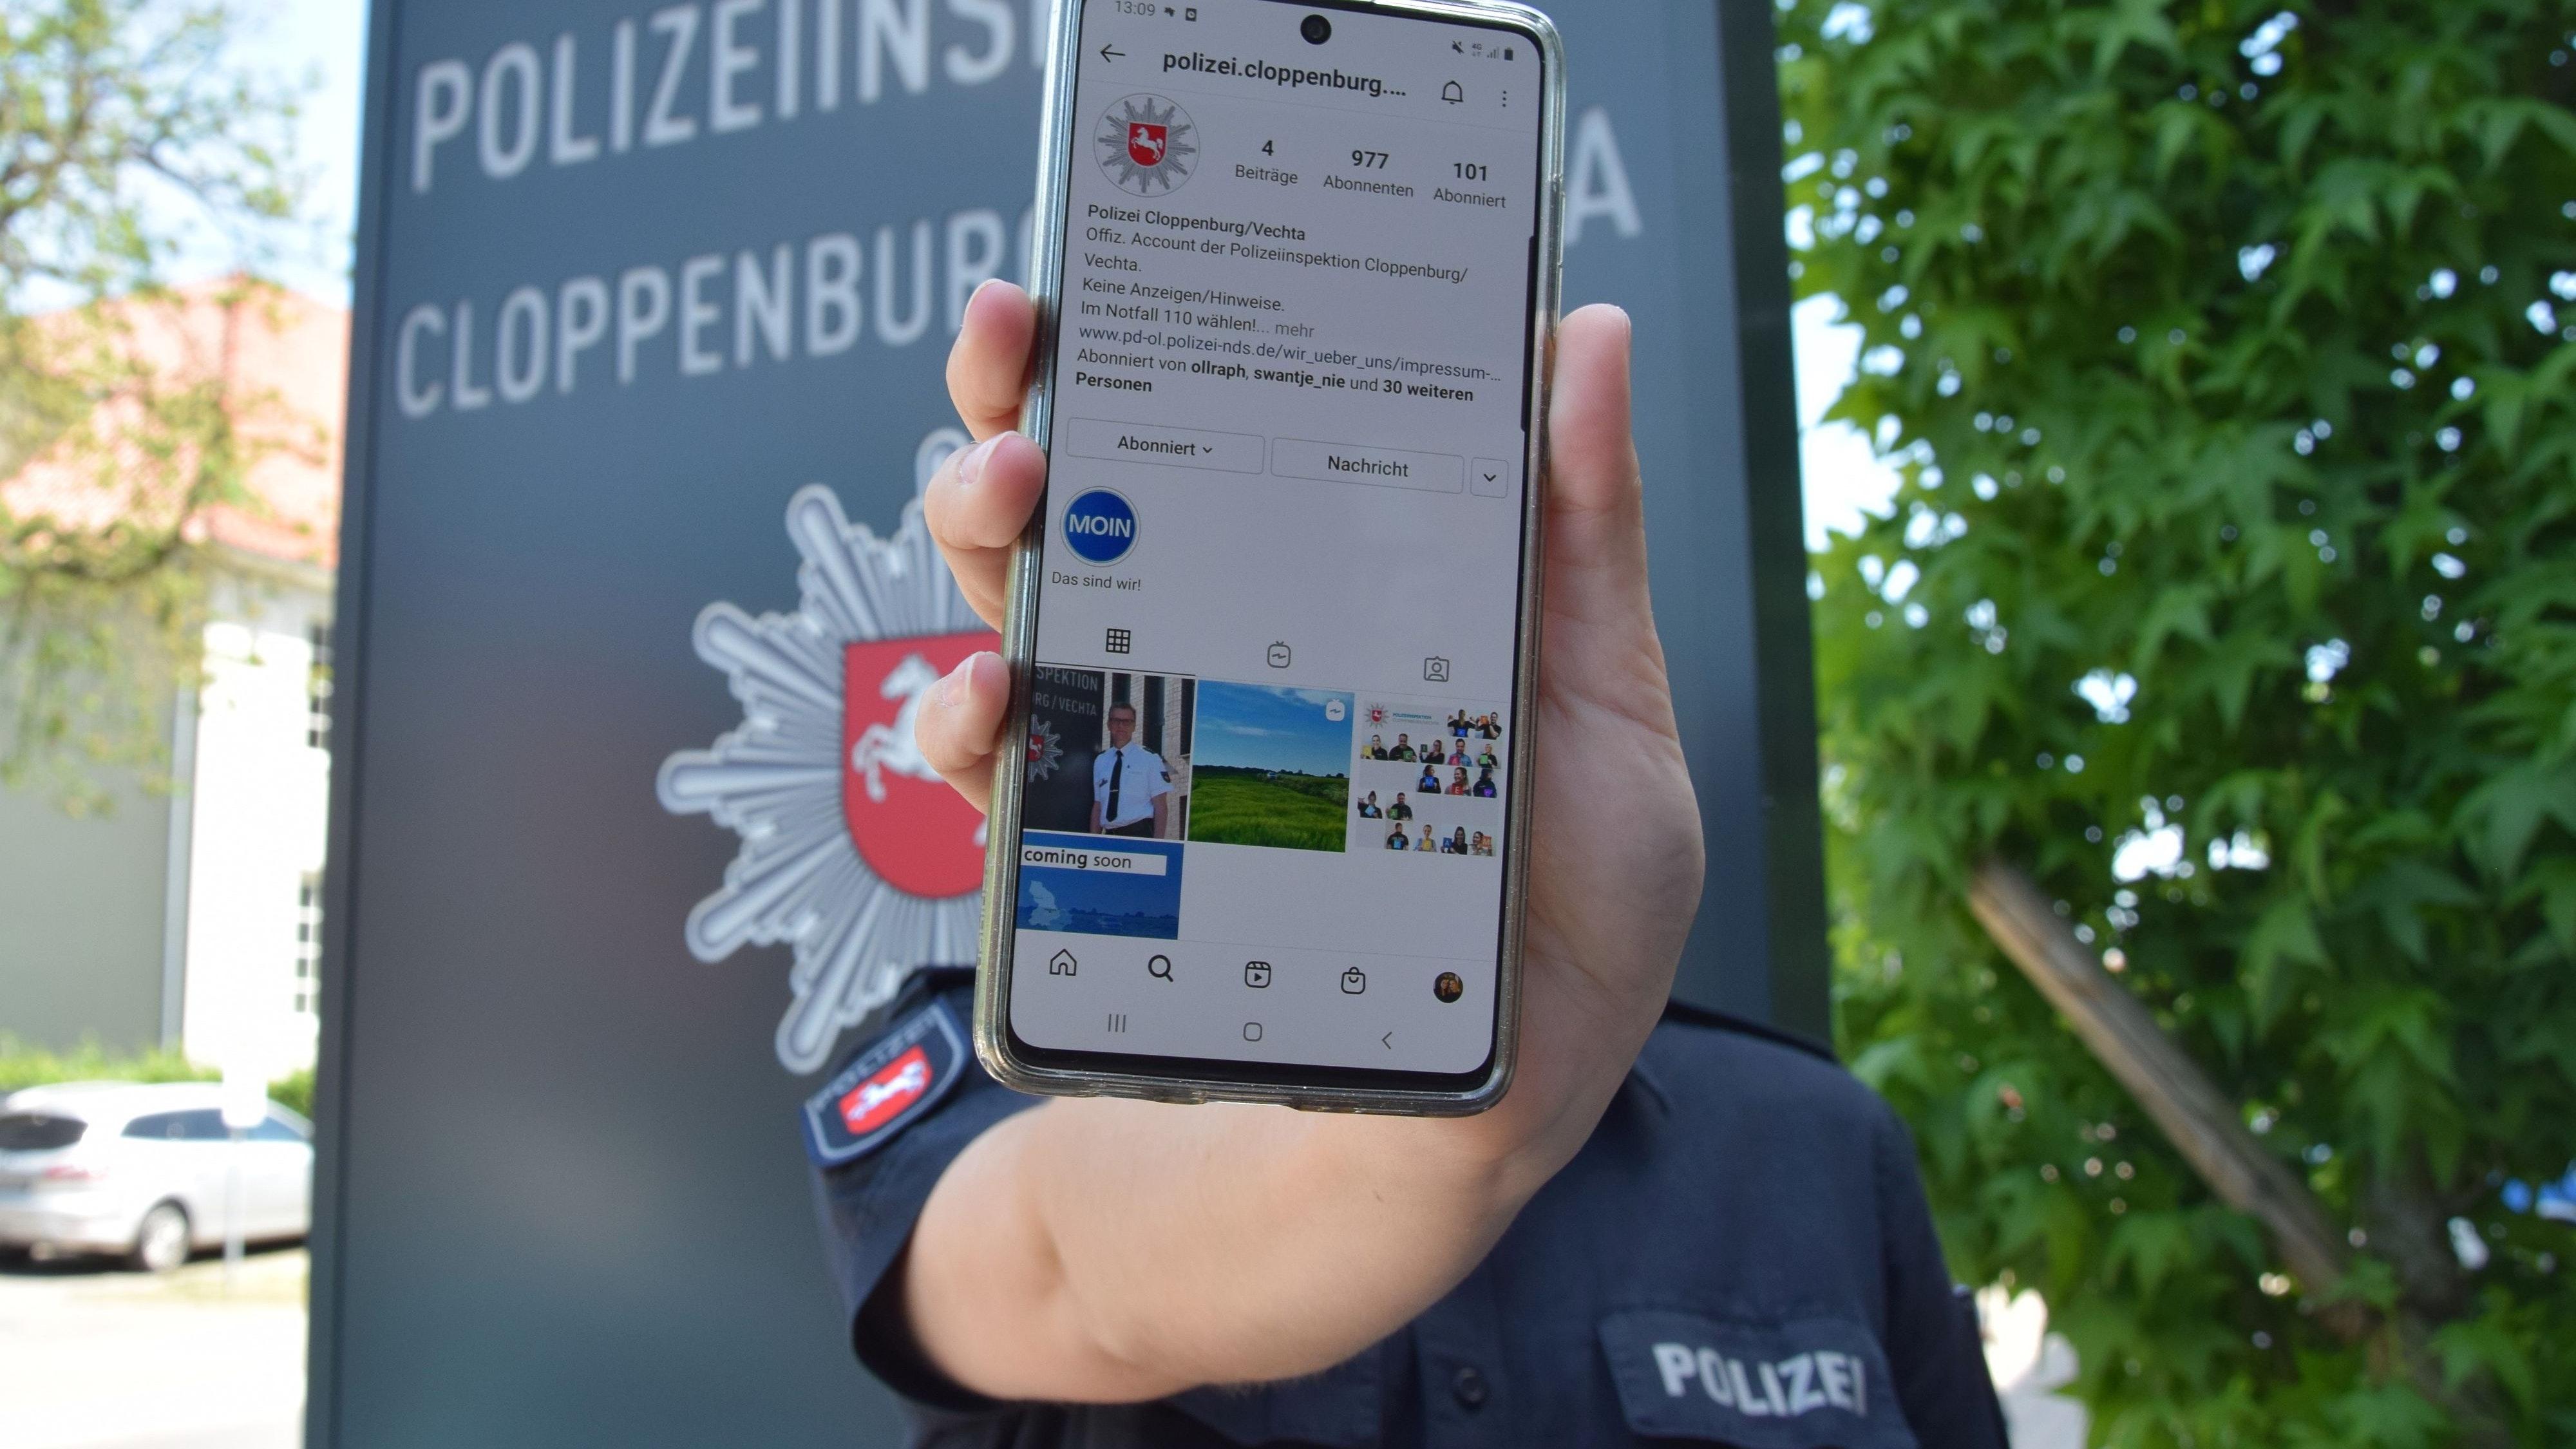 In 3 Tagen sammelte der neue Instagram-Account der Polizei fast 1.000 Abonnenten. Foto: Hahn